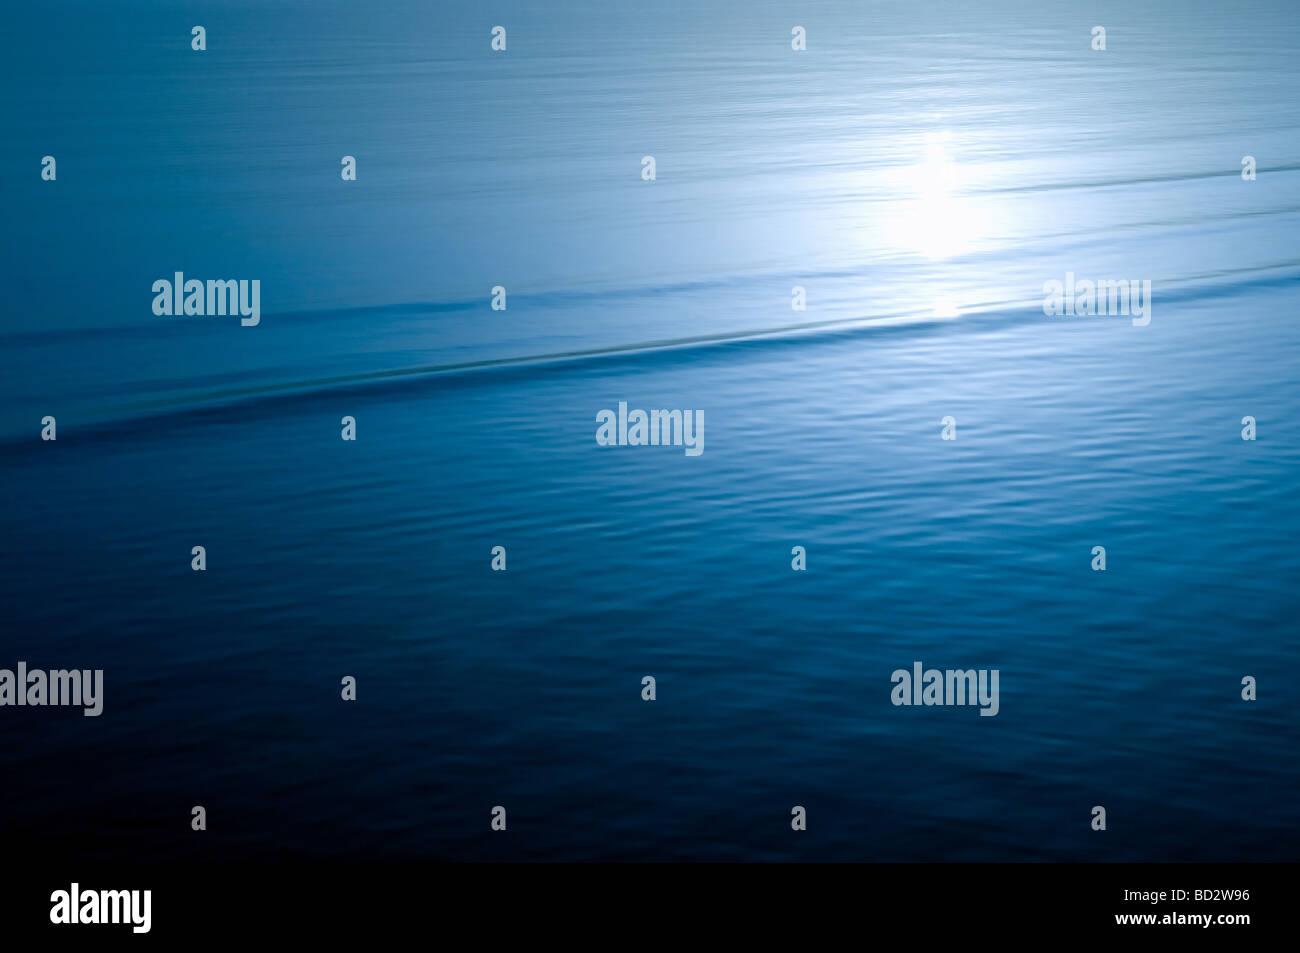 ruhigen Meeresoberfläche Wasser mit Sonnenlicht Reflexion Stockbild